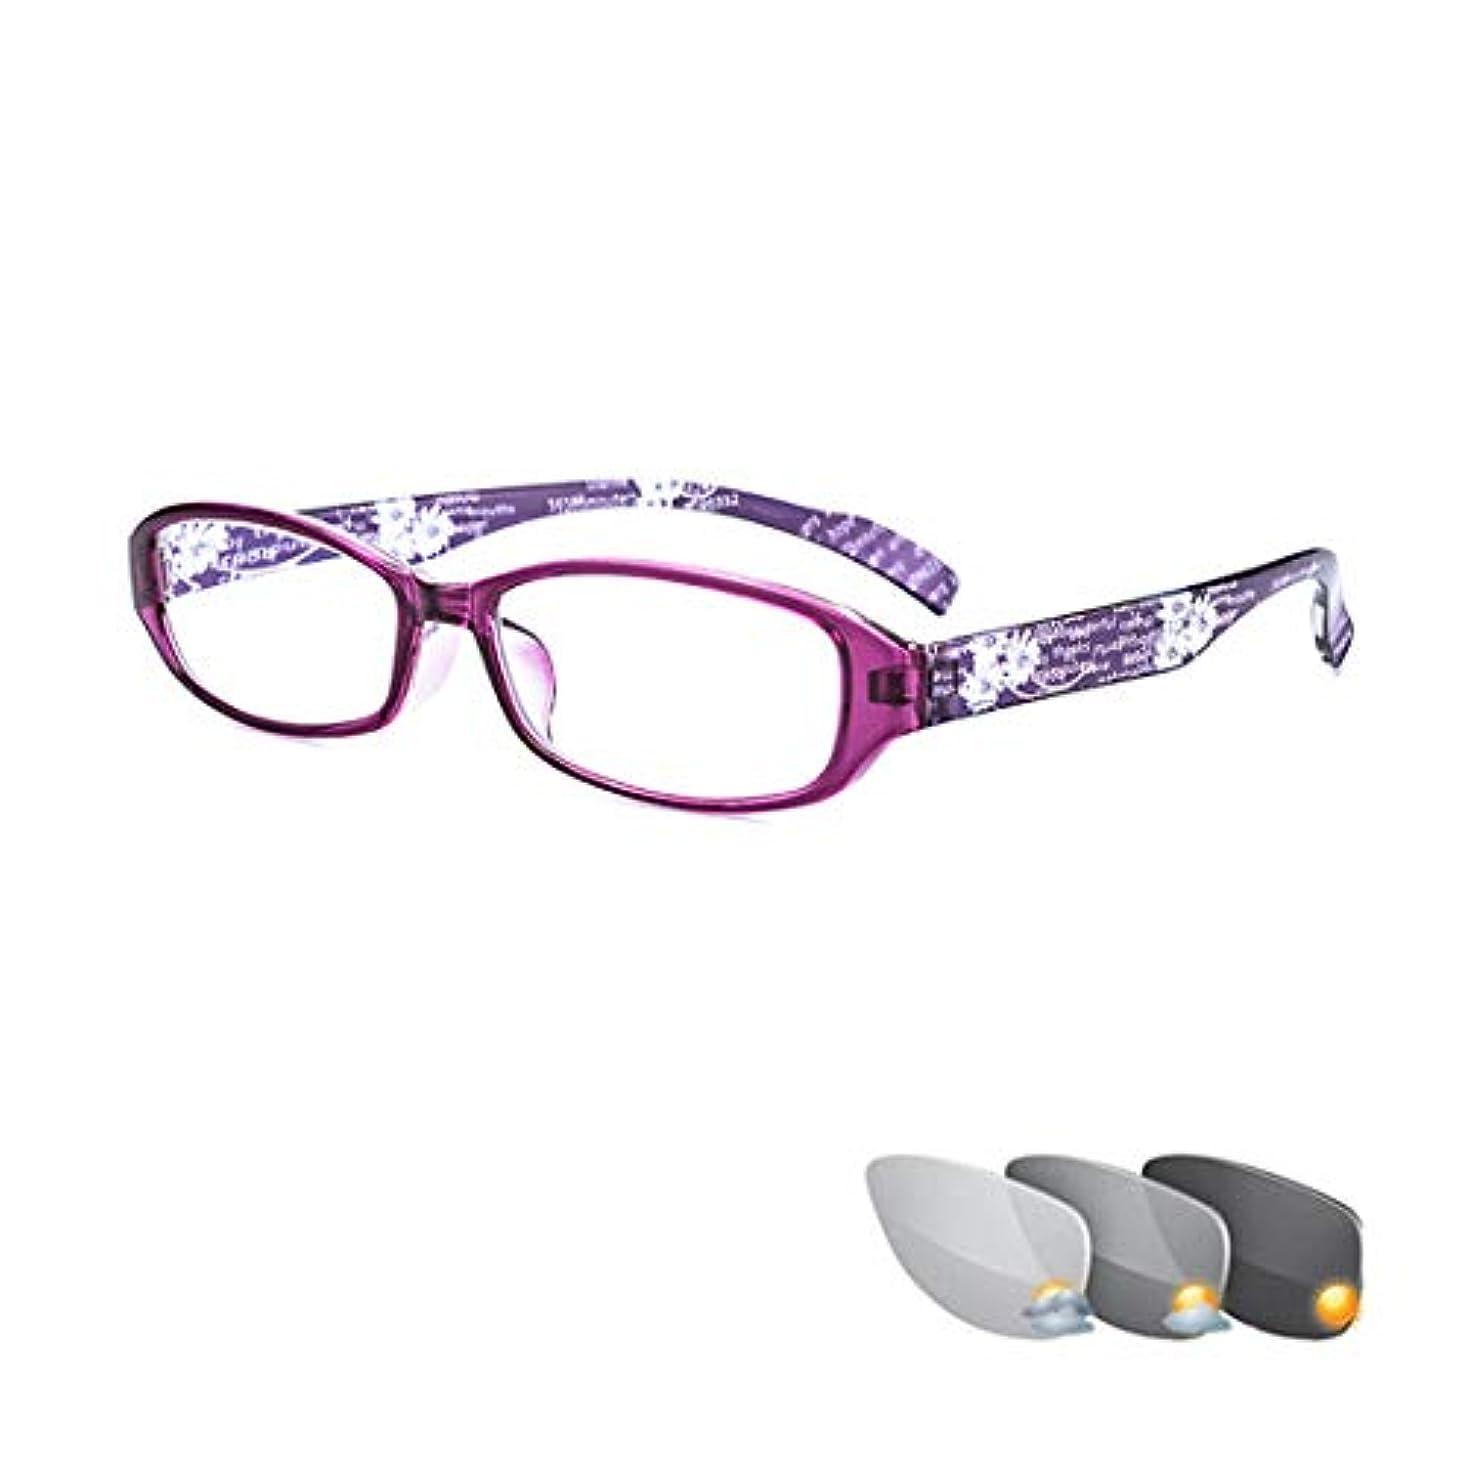 ファッション女性用老眼鏡、軽くて快適な放射線防護、紫外線防護、疲労防止メガネ、屋外変色